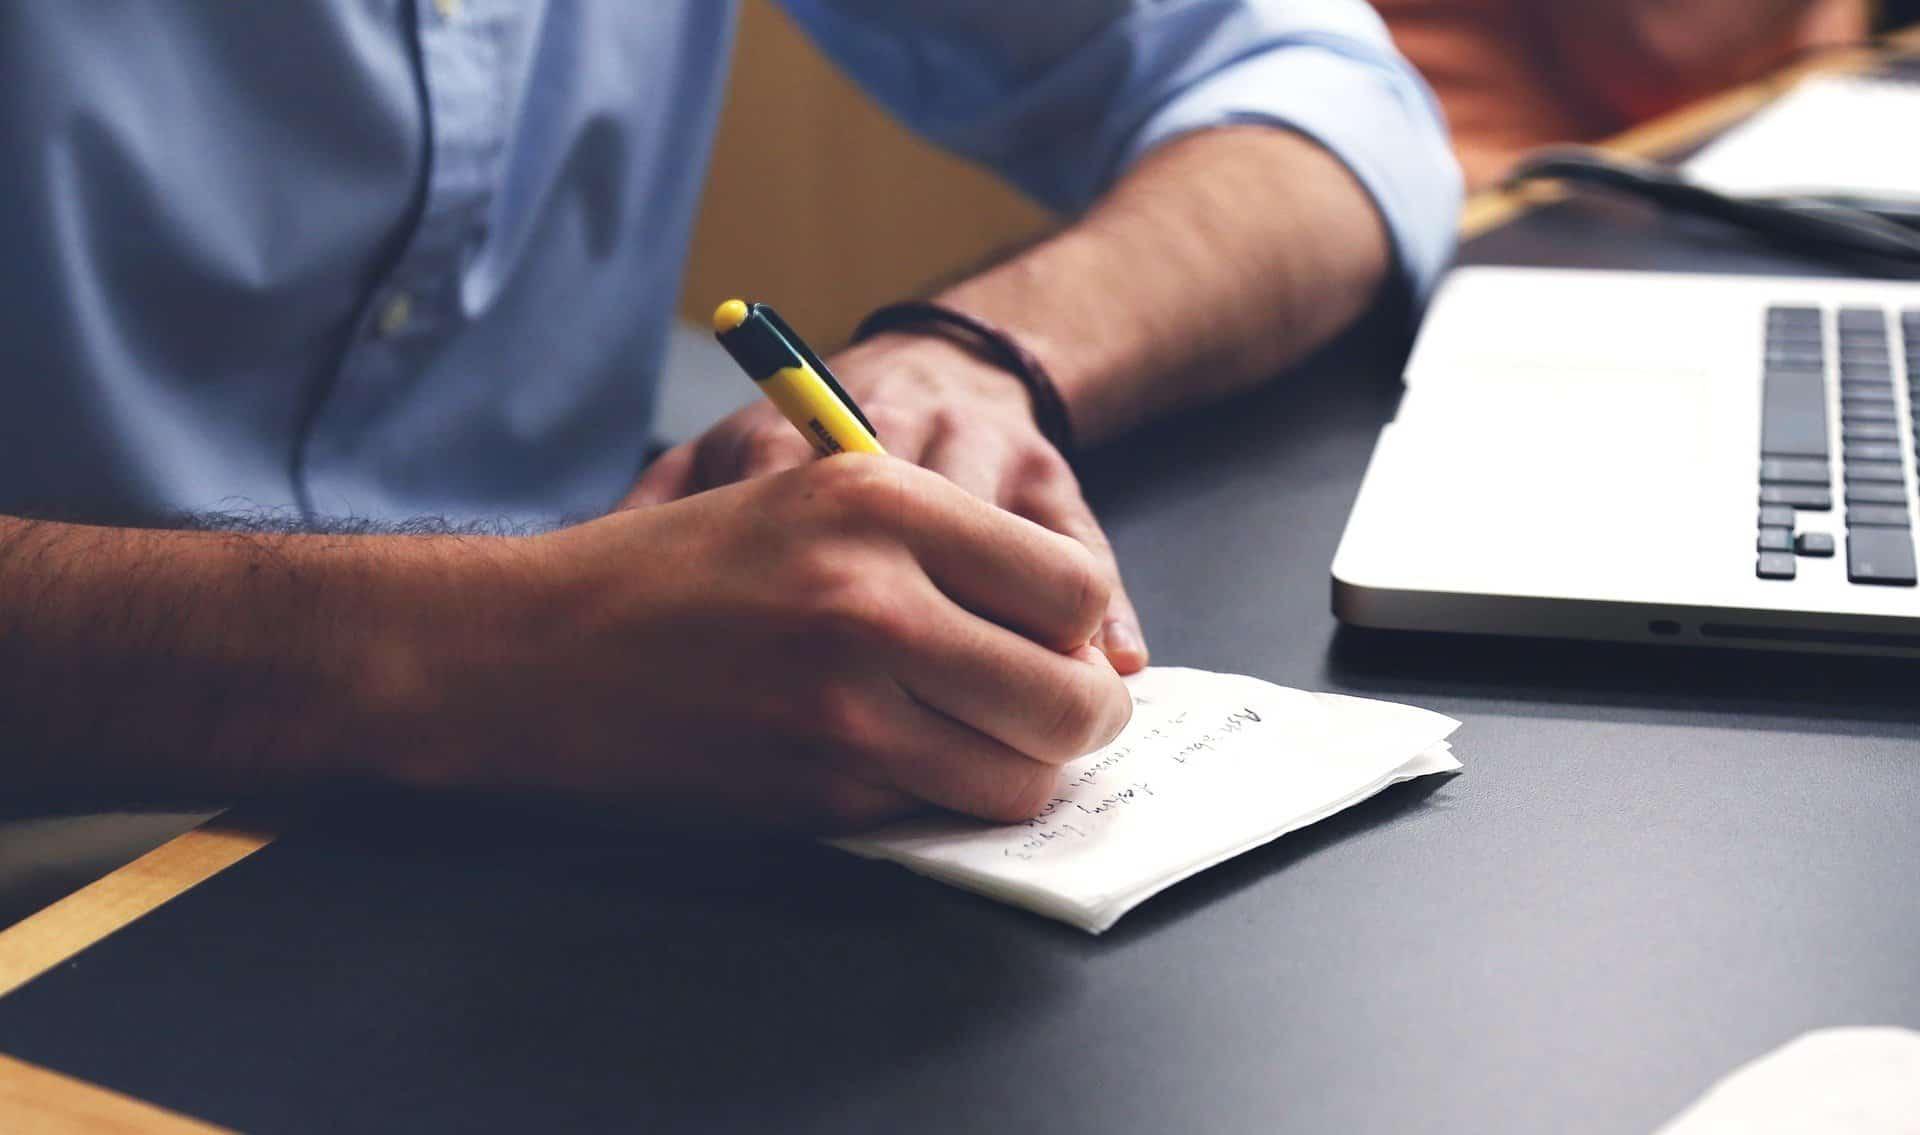 uomo-scrive-appunti-per-lavoro-cloud